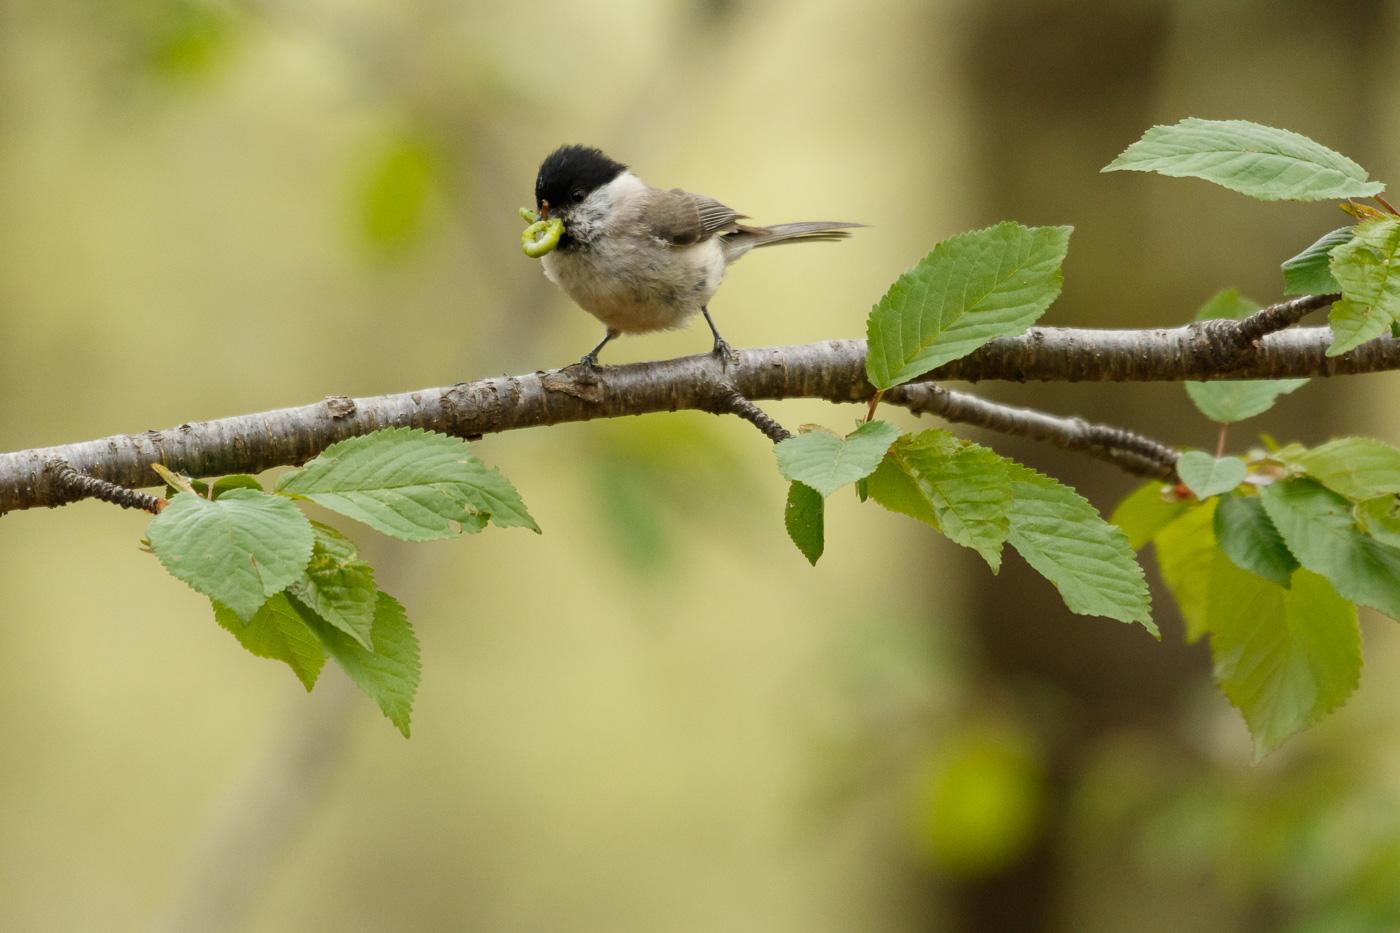 Mallerenga petita - Fauna salvatge - Raül Carmona - Fotografia, Fotografia d'estudi, esdeveniments i Natura